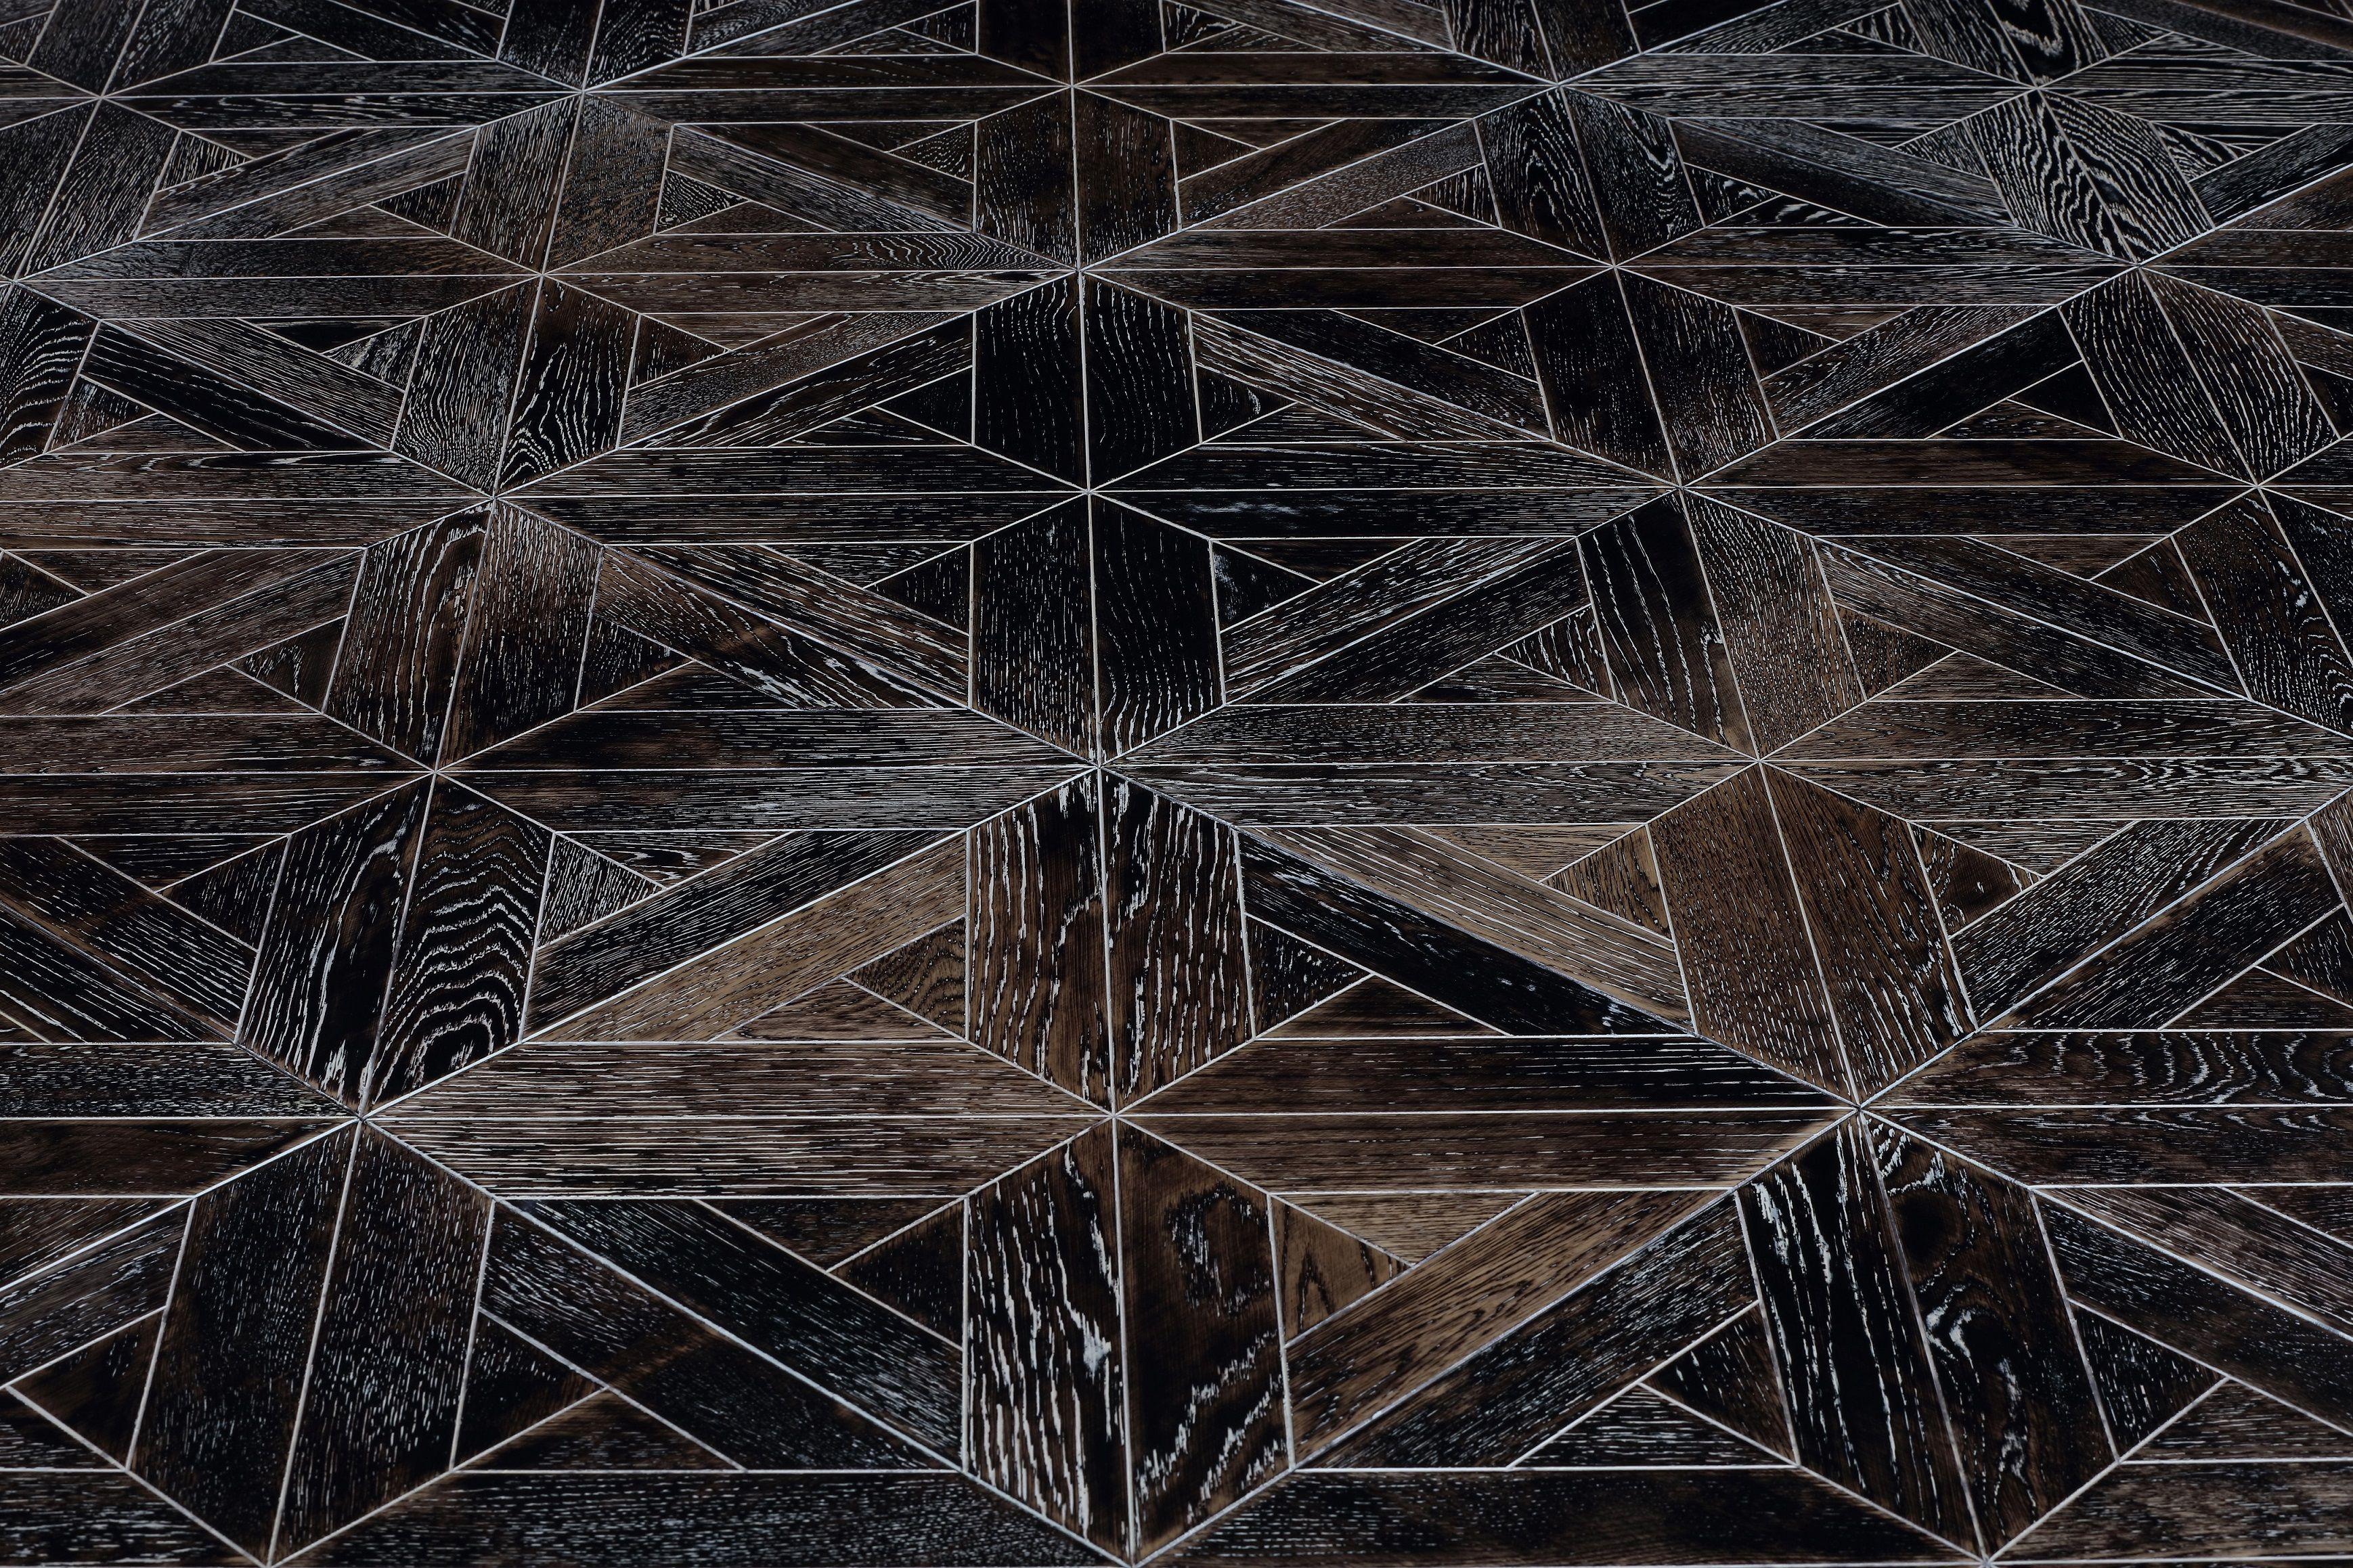 Черный дубовый паркет декоративный настил интерьер маркетри обои обои коврики плитка ковер наклейки наклейки наклейки наклейки бумаги декор деревянный